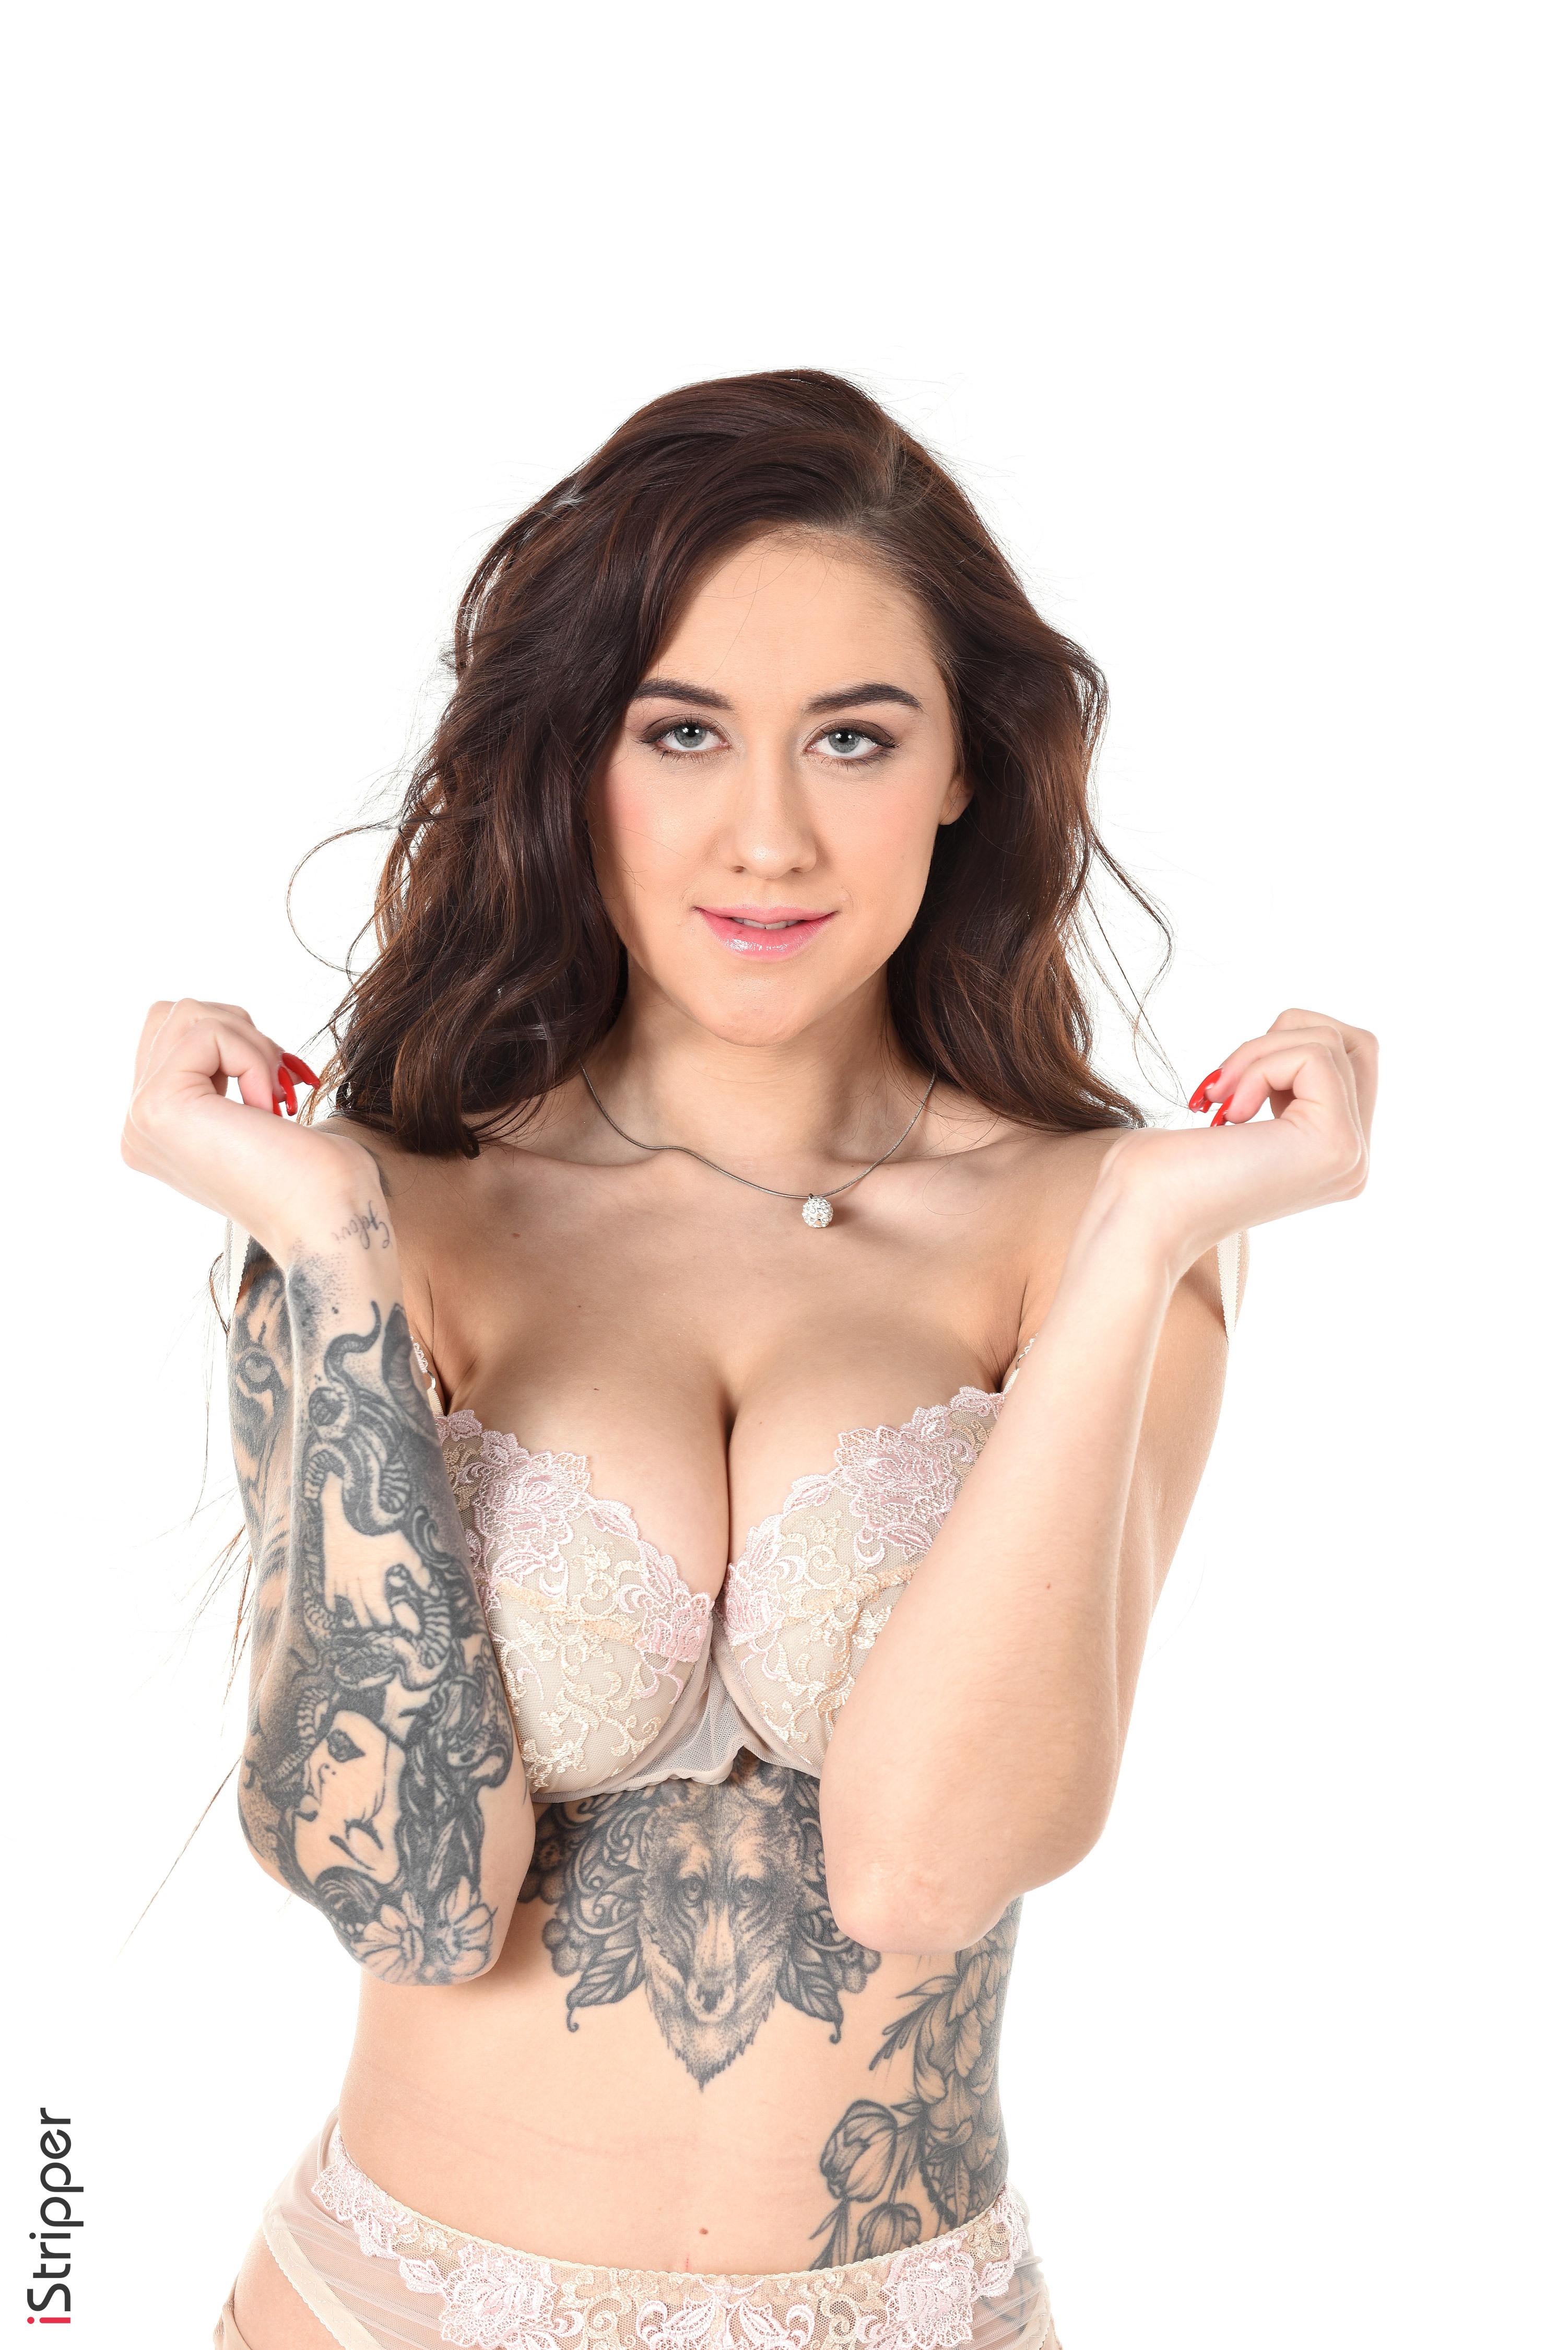 sexy striptease 18+